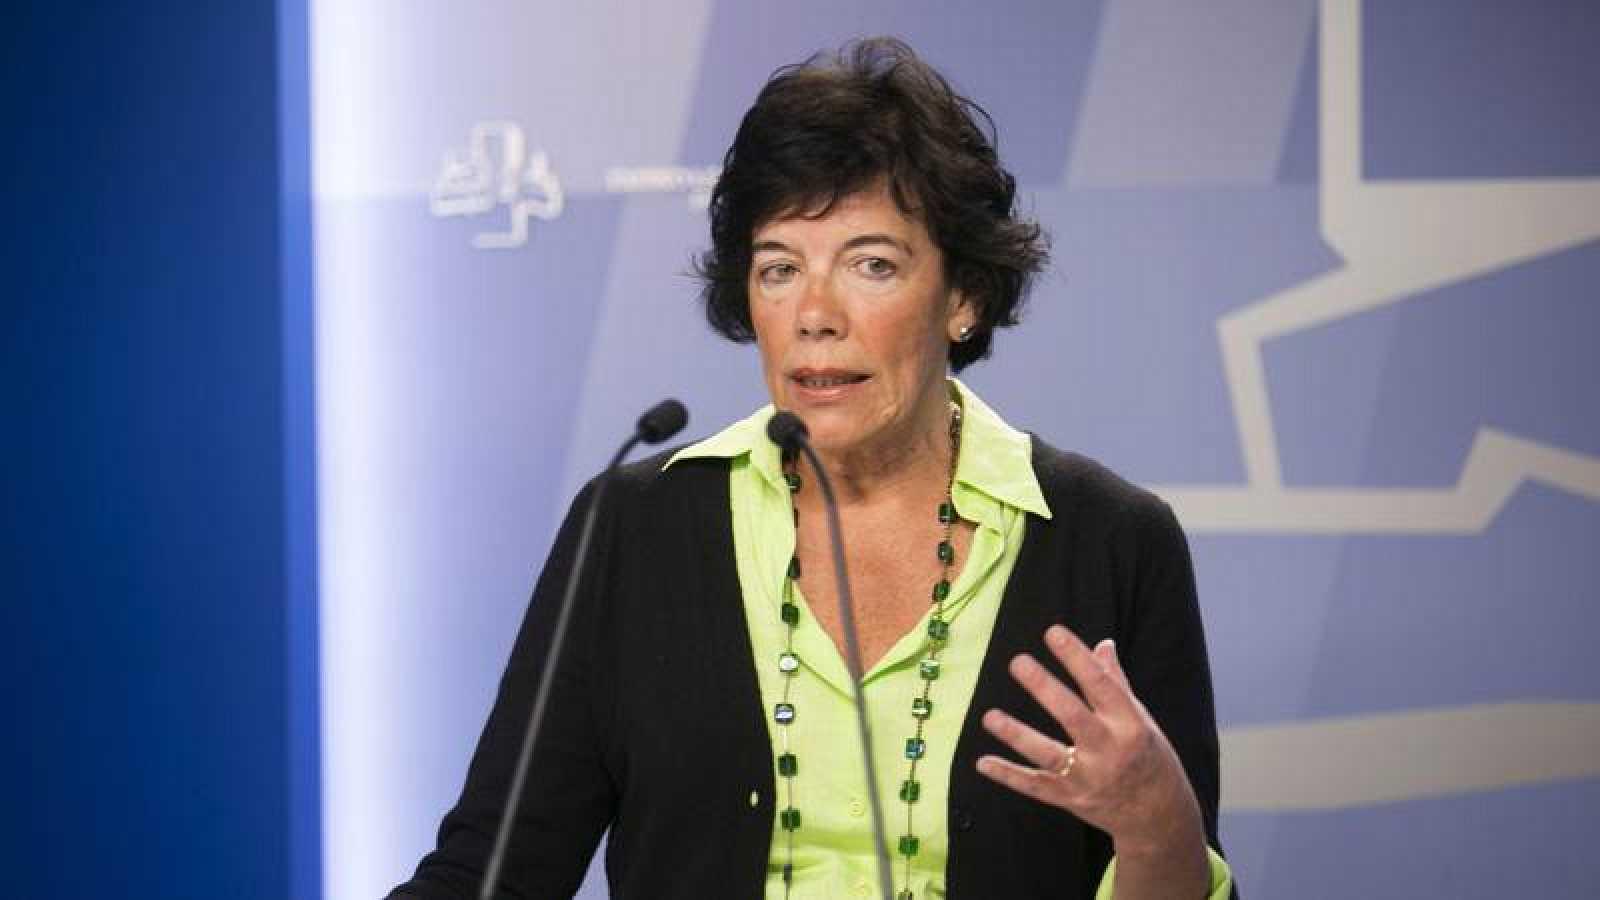 La exconsejera vasca Isabel Celaá será la nueva ministra de Educación en el Gobierno de Pedro Sánchez.